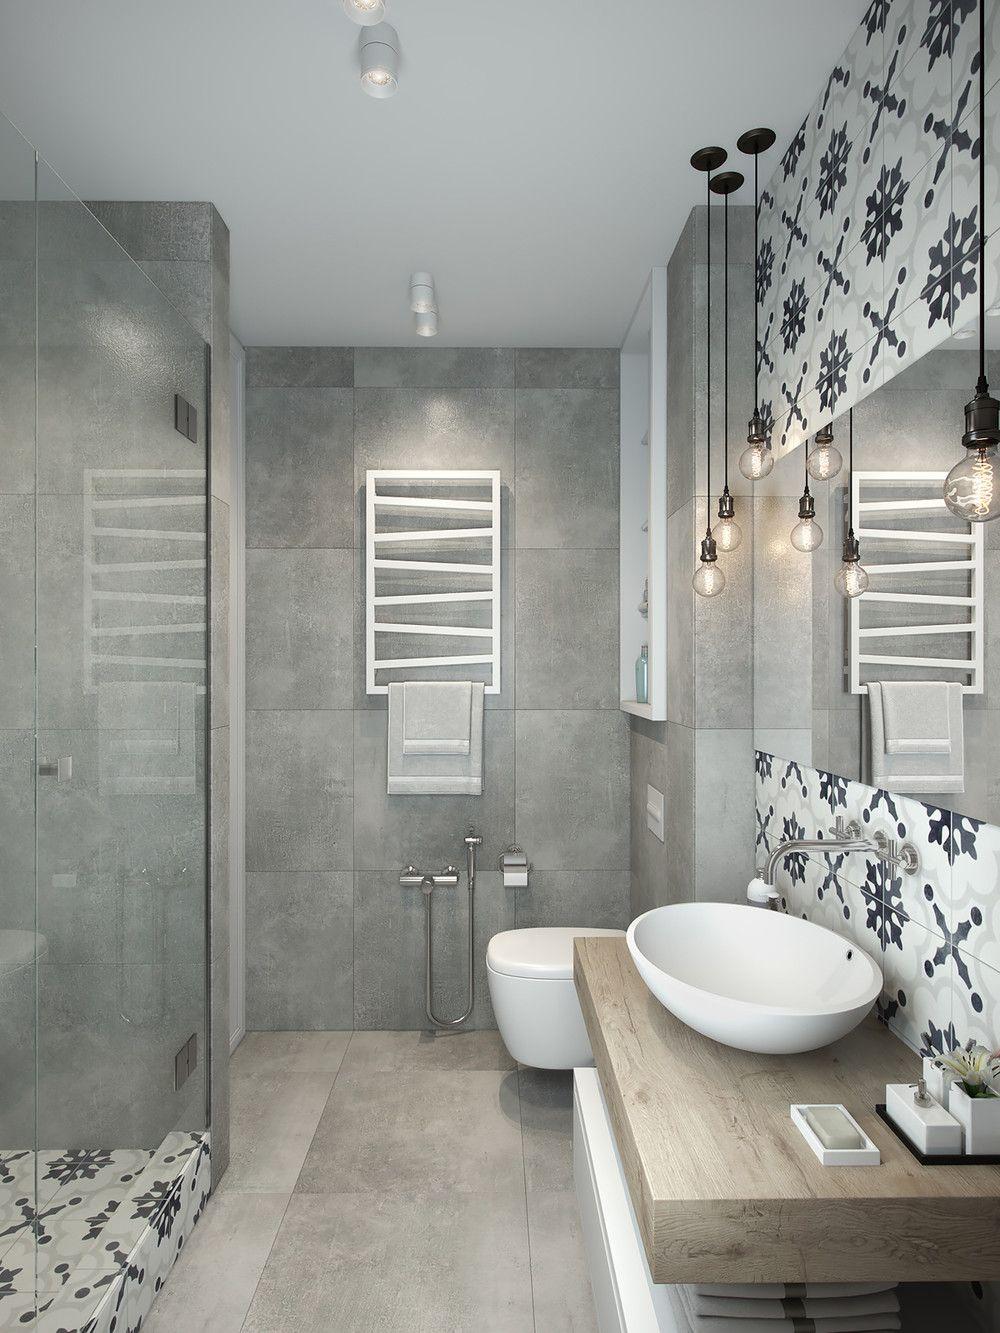 original diseño de baño | baños | pinterest | diseño de baño, baño